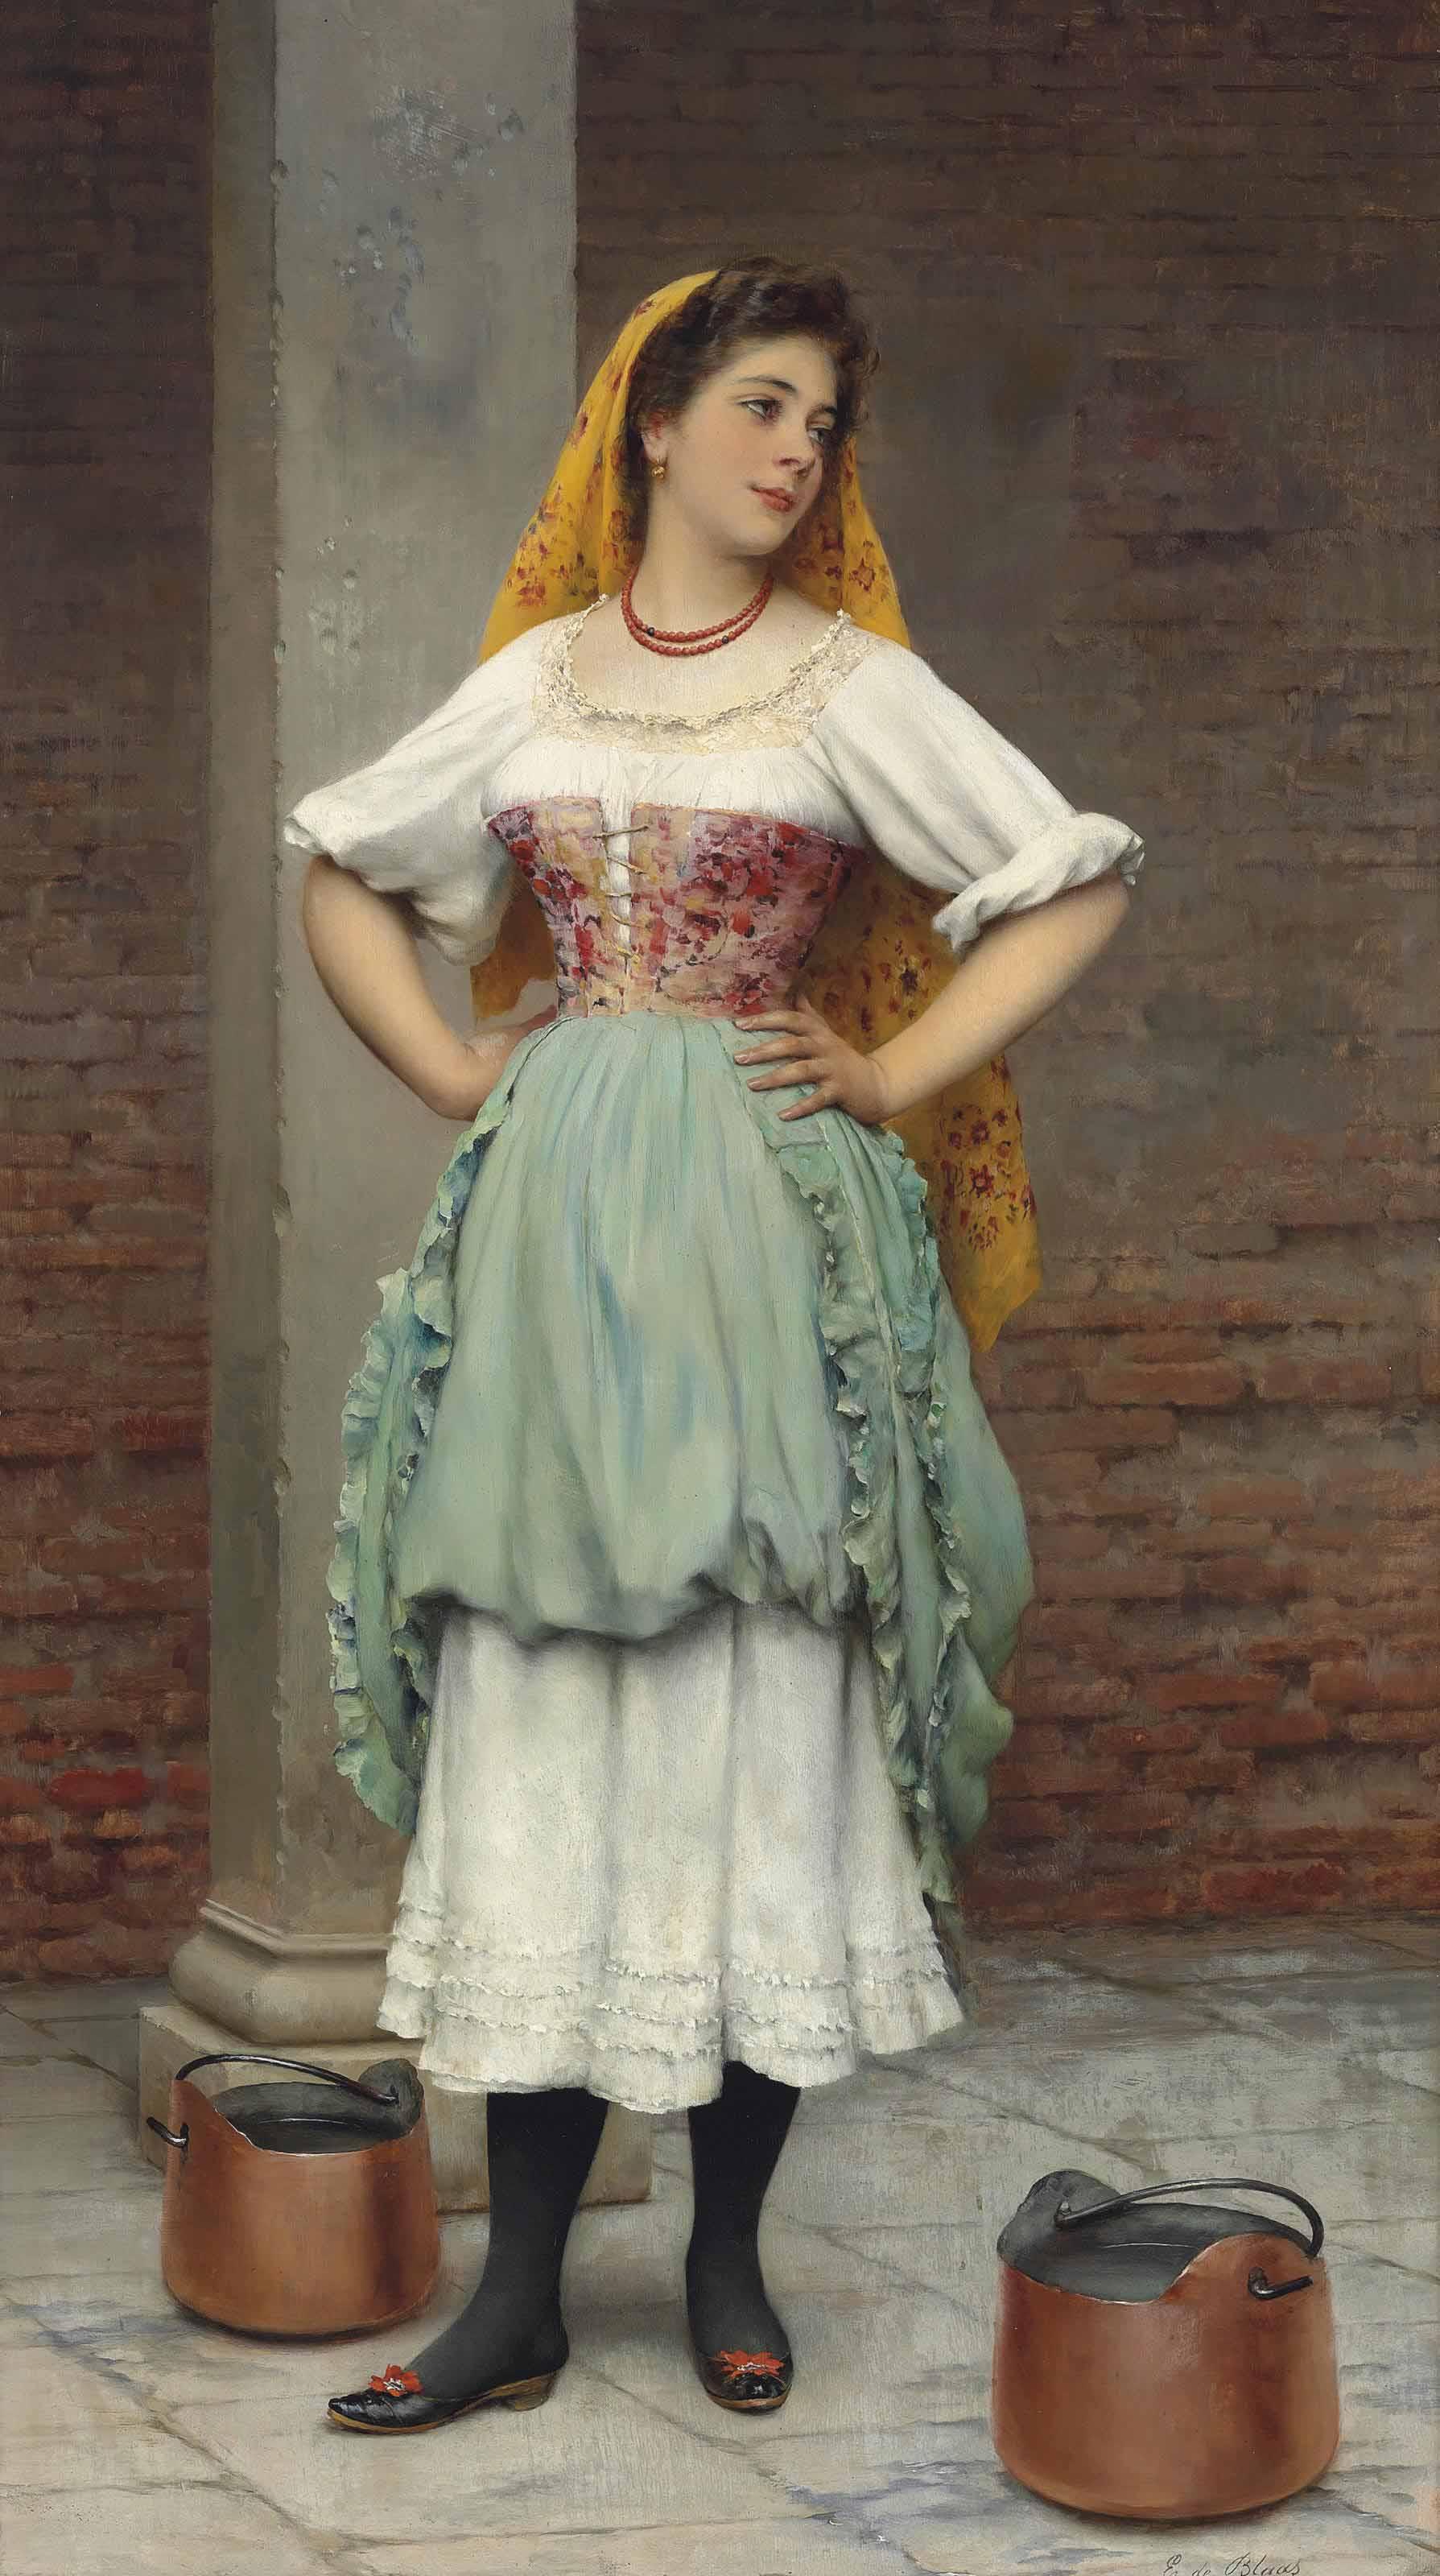 A Venetian beauty